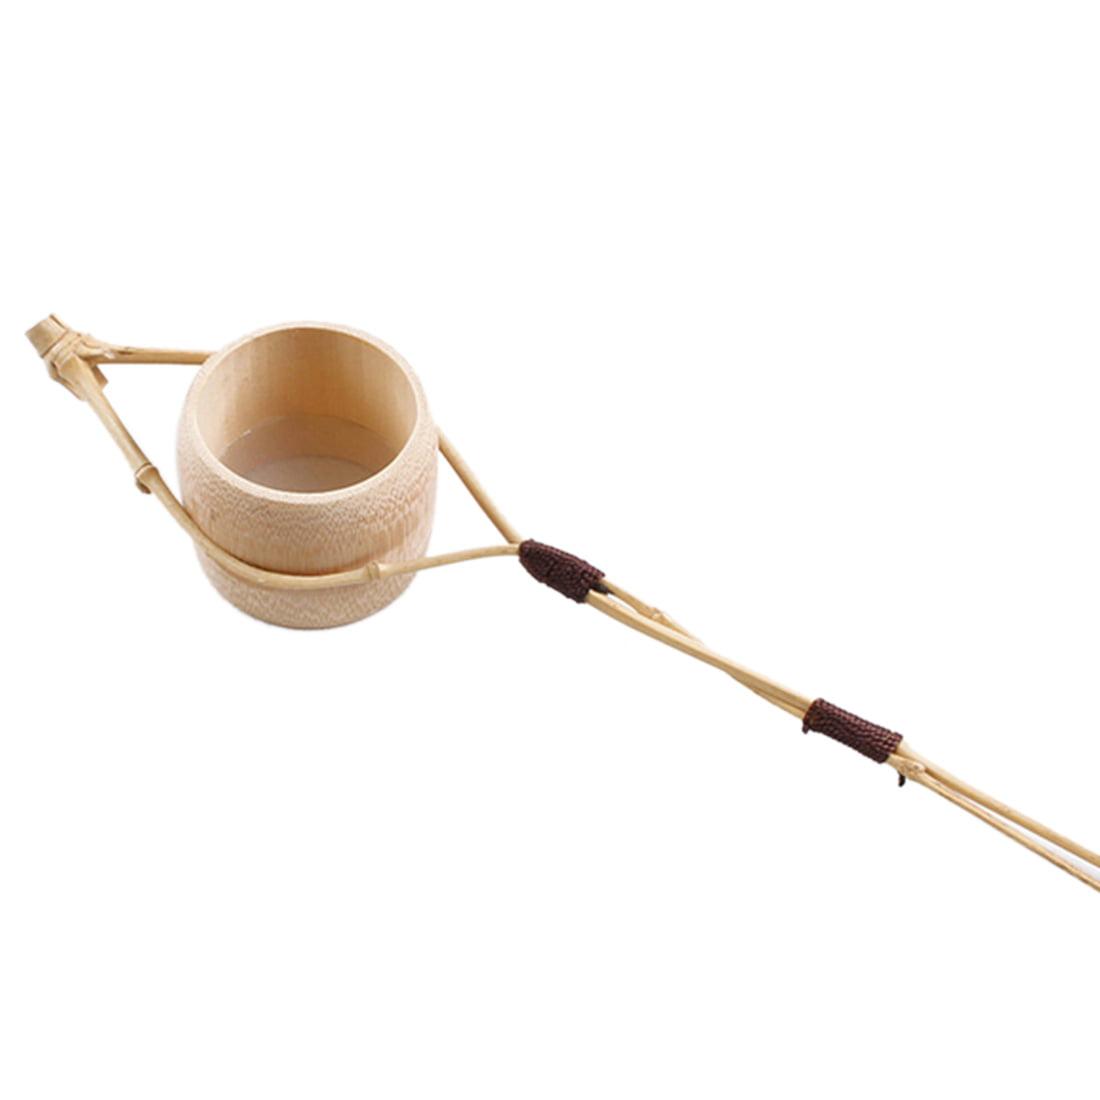 Tea Filter Vintage Bamboo Colander Infuser Tea Accessory Strainer for Home